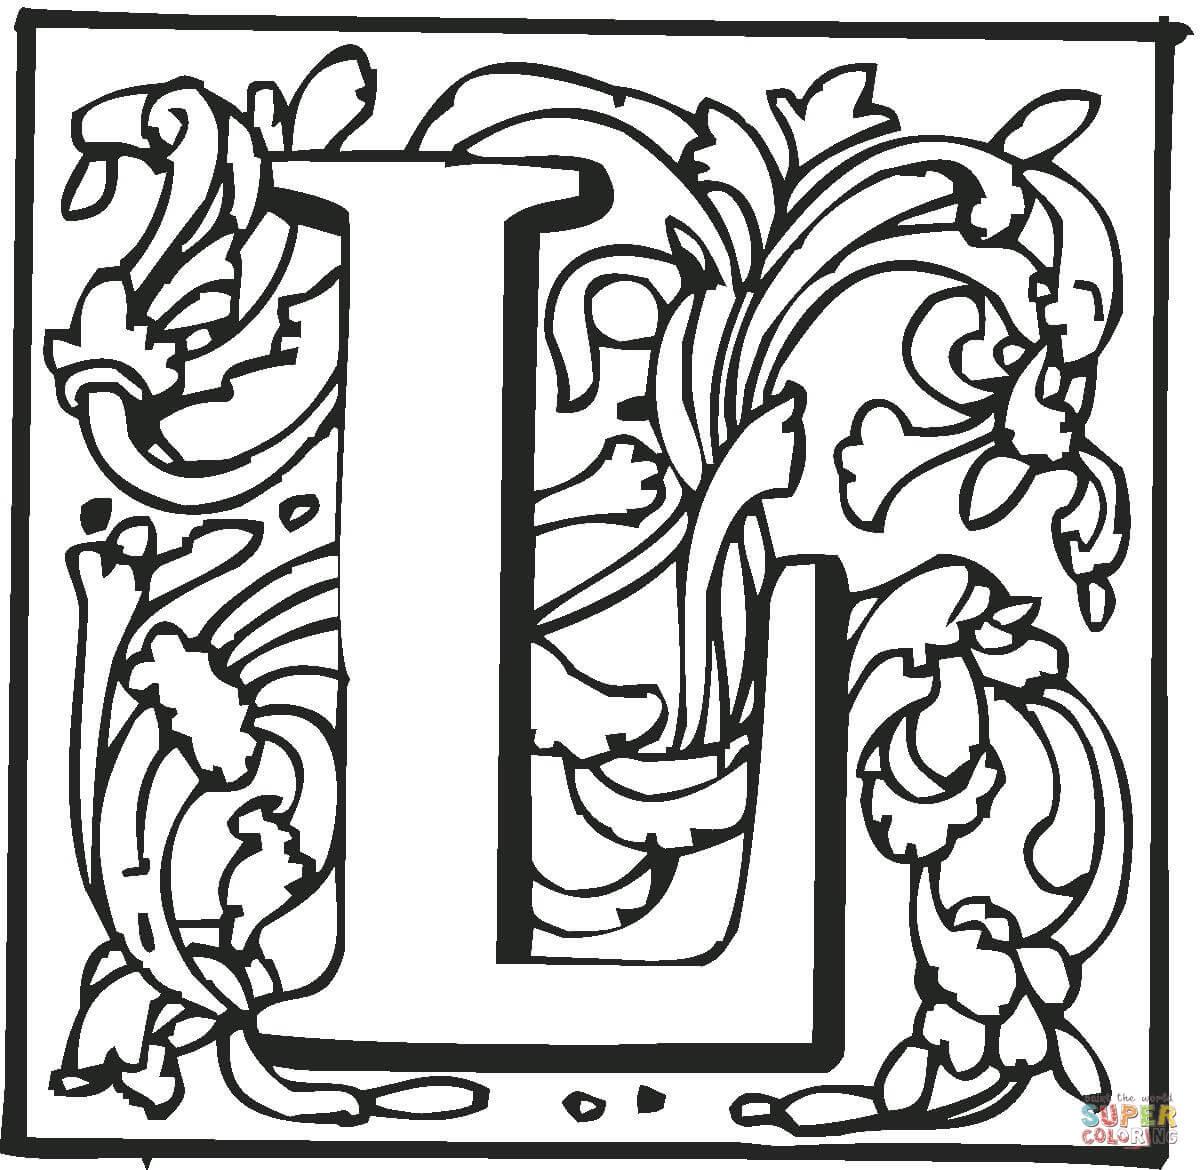 Dibujo De La Letra L Para Colorear Dibujos Para Colorear Imprimir